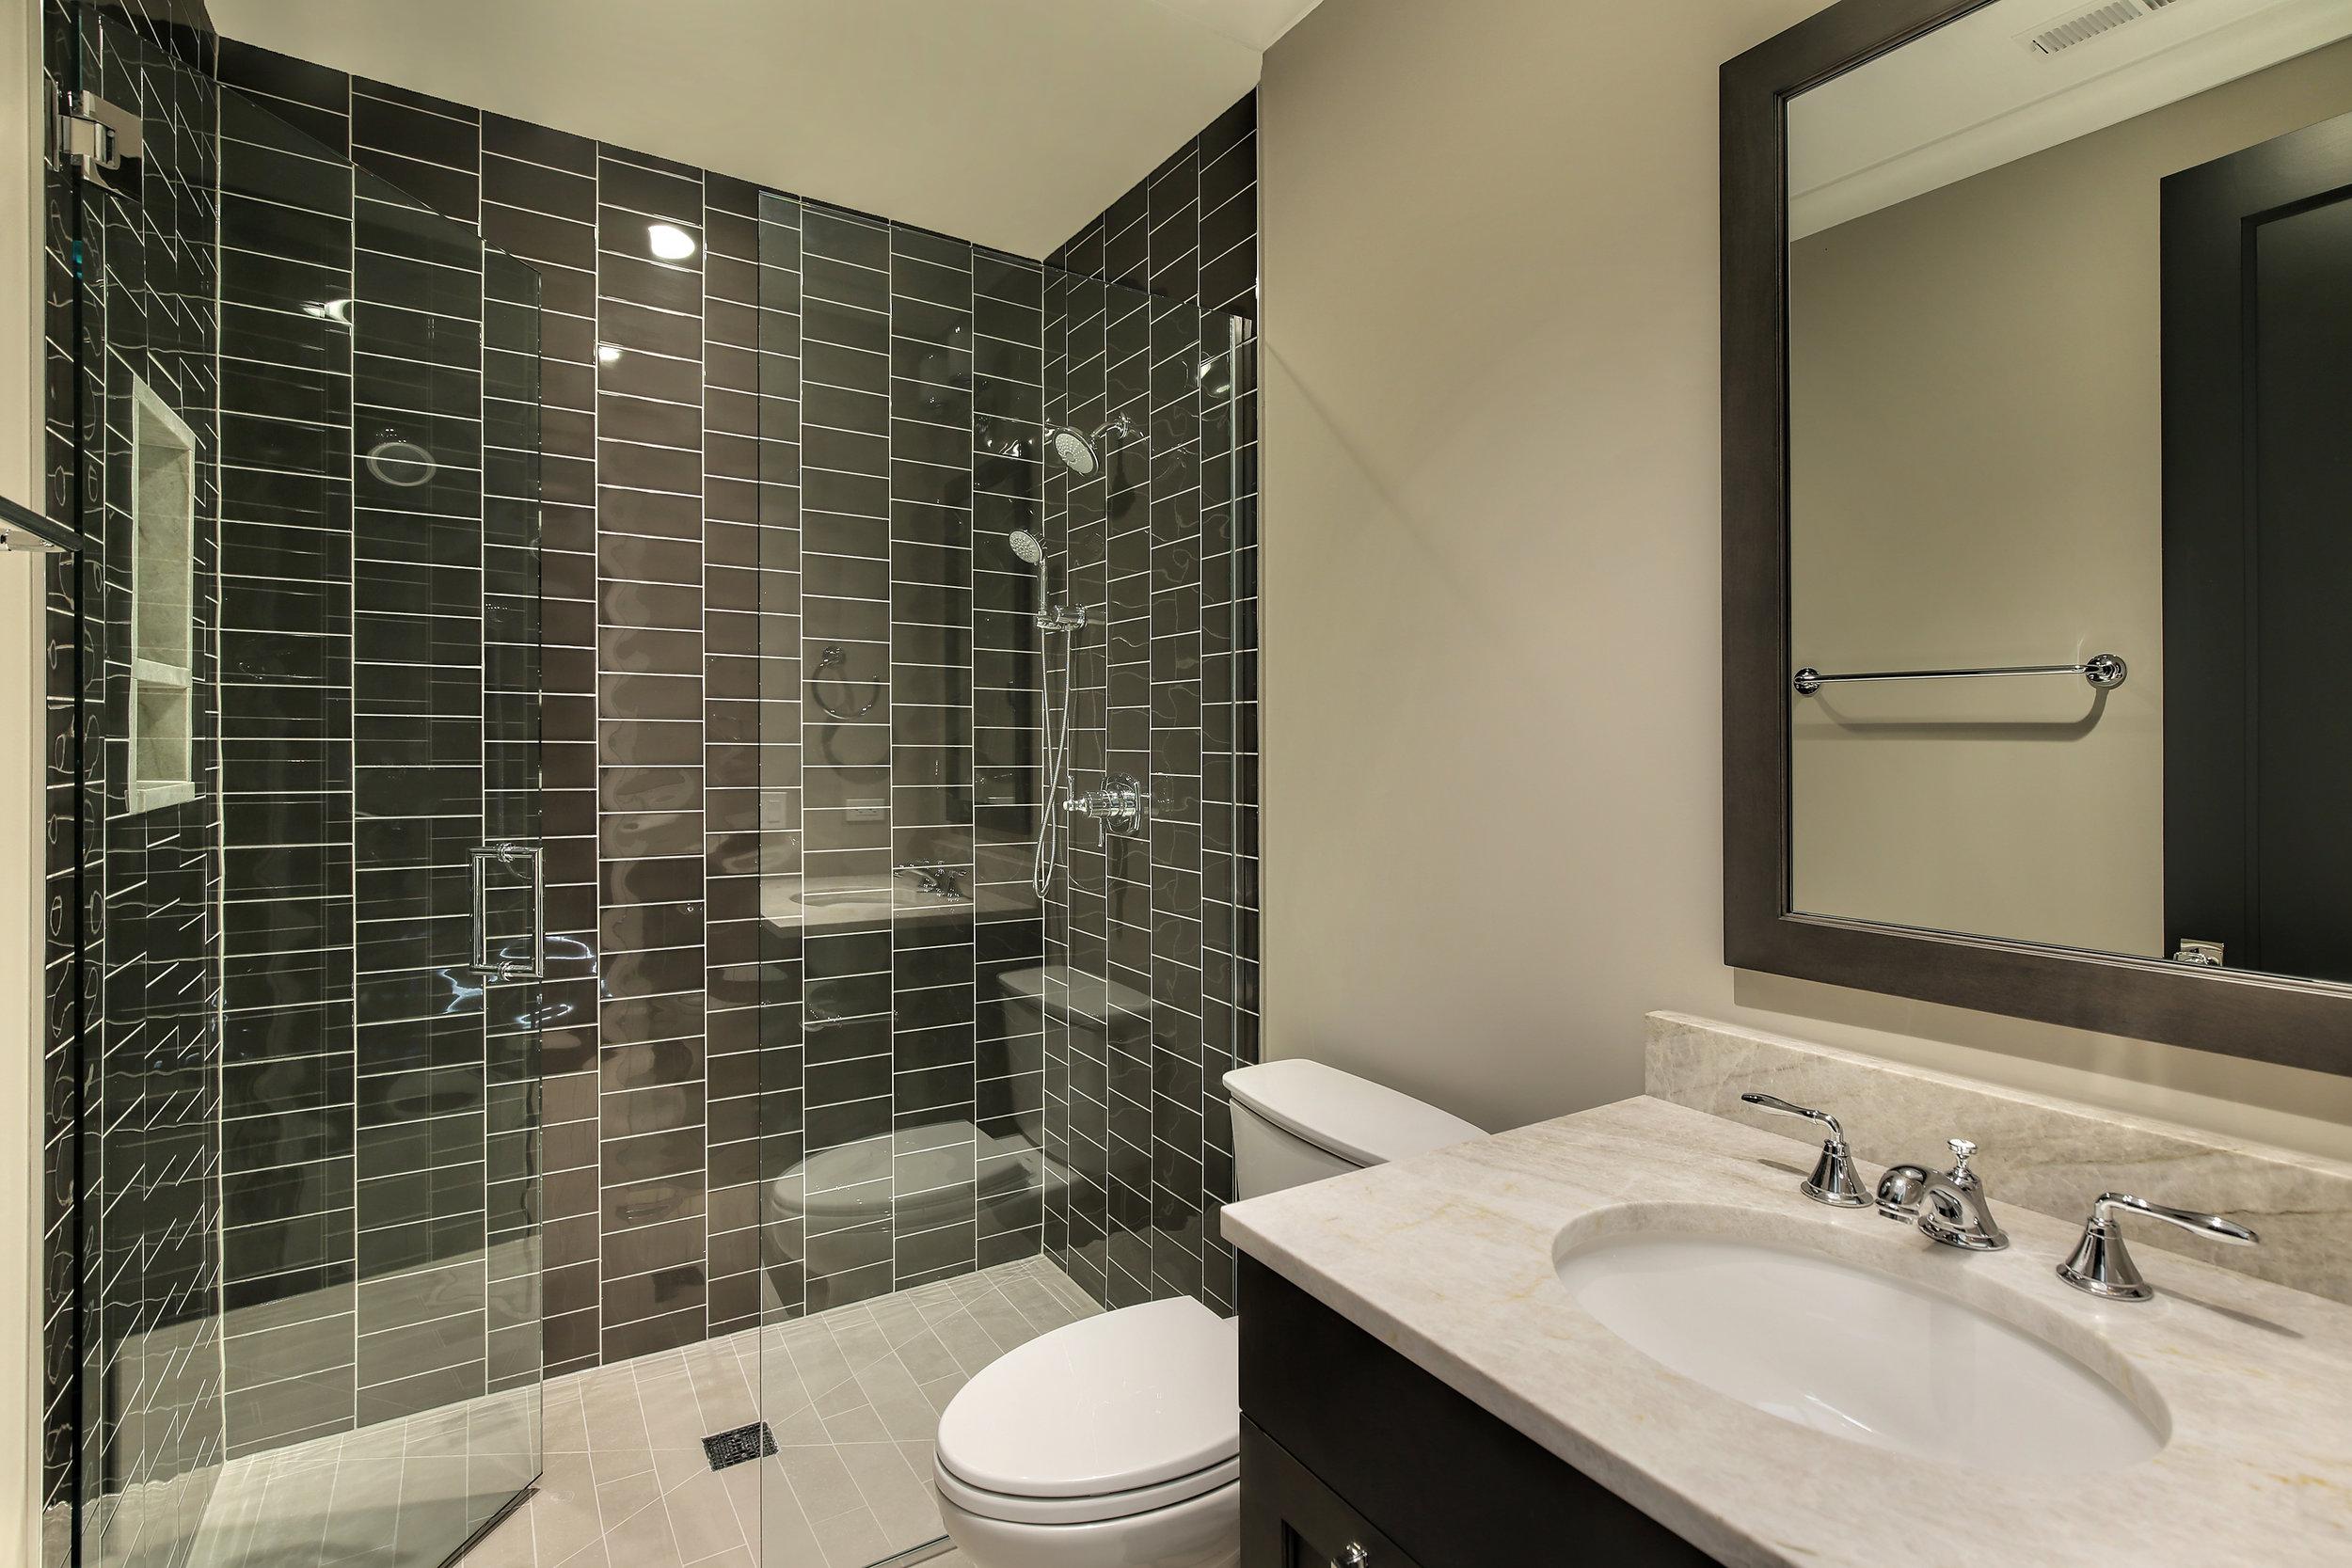 bathroom_3531njanssen.jpg